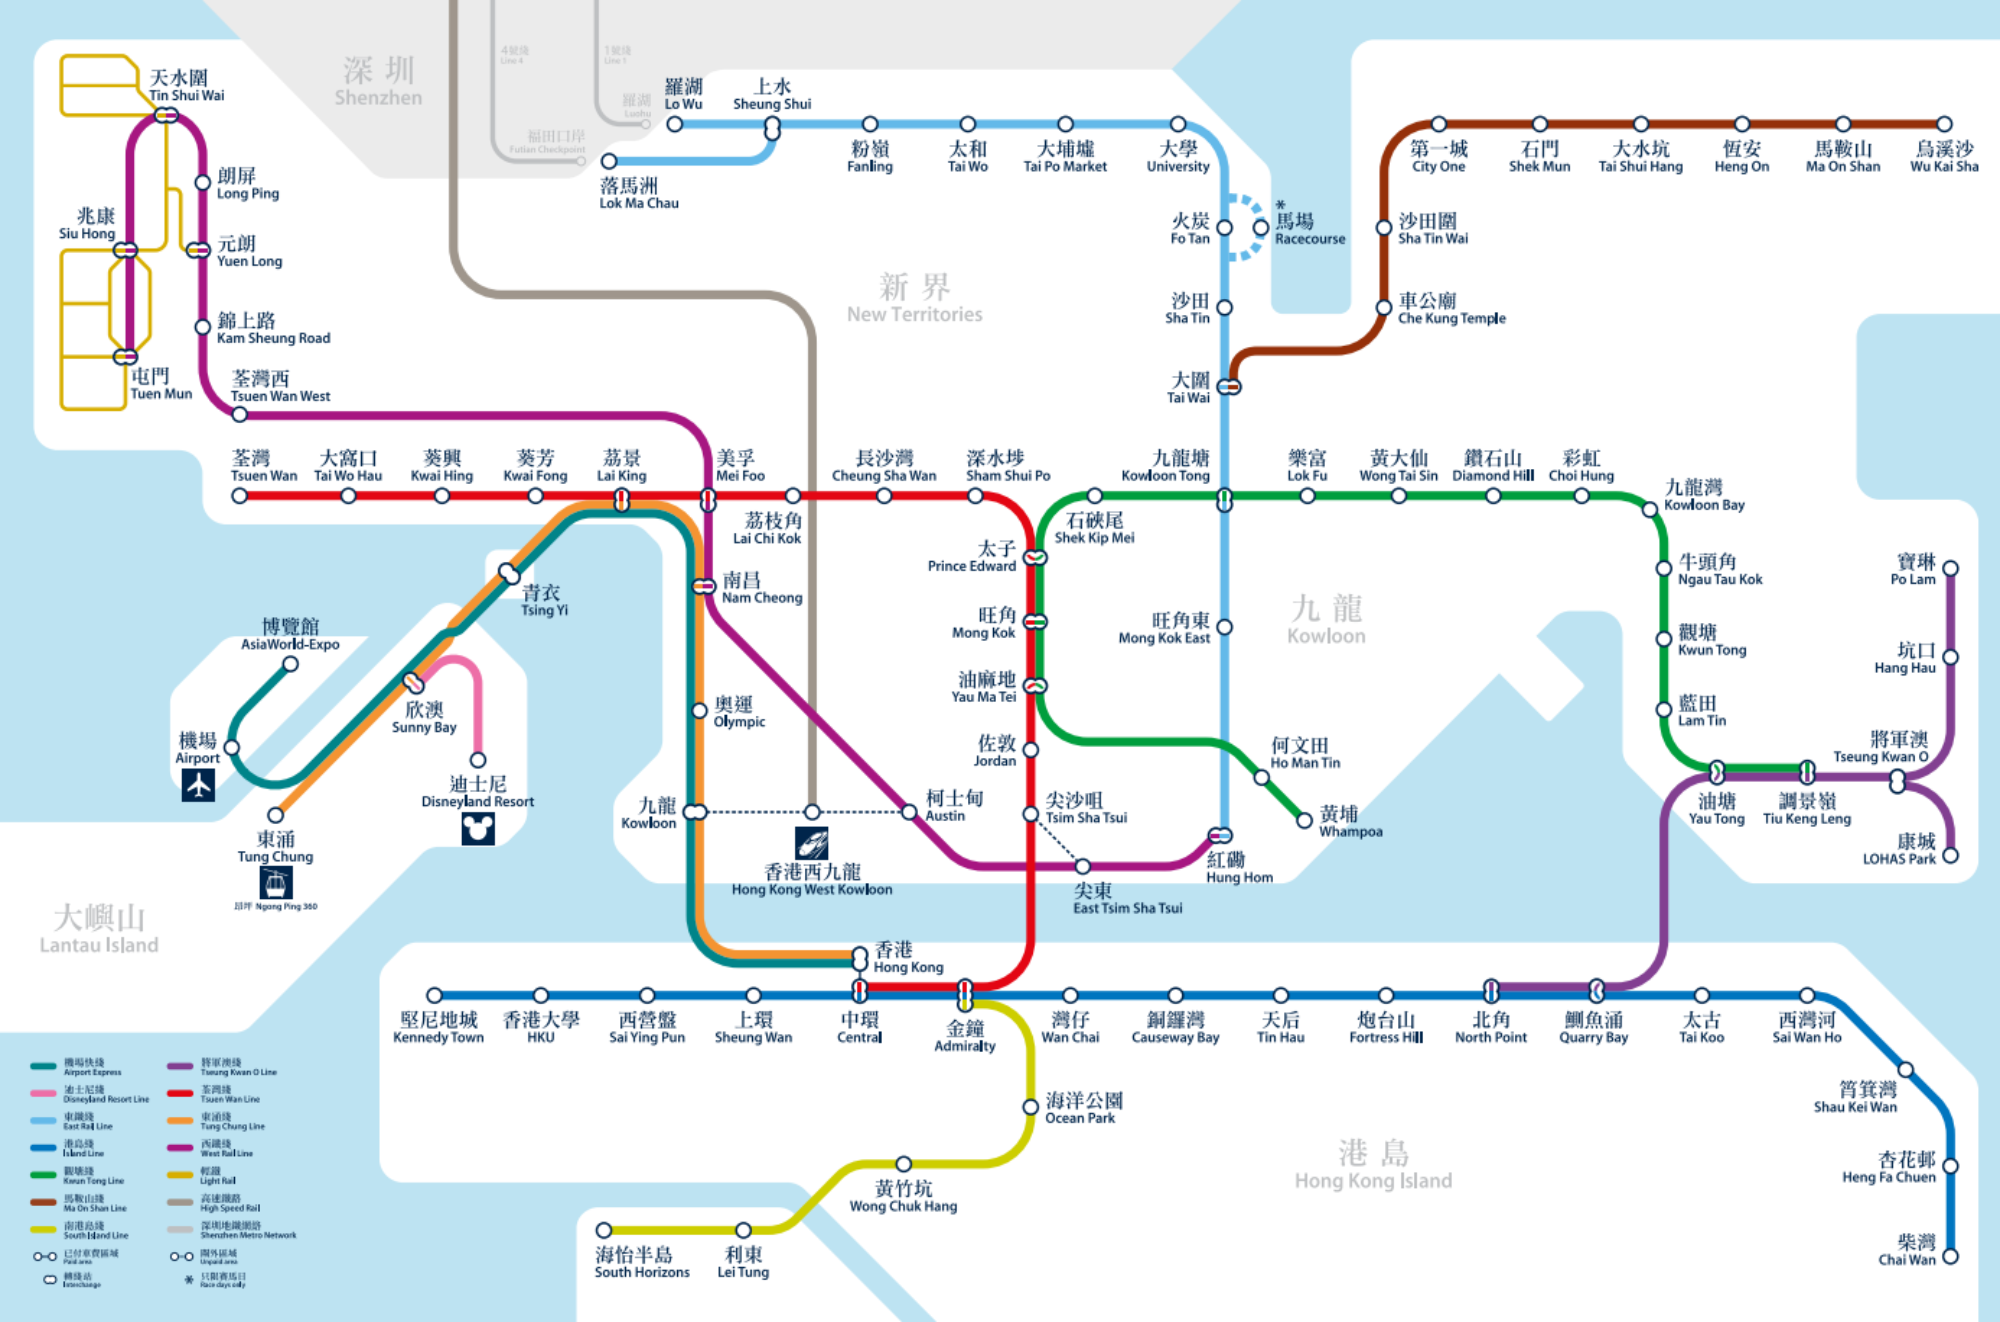 Subway Map Of Hong Kong.Hong Kong Mtr Map Hong Kong Metro Map Subway Lines Stations